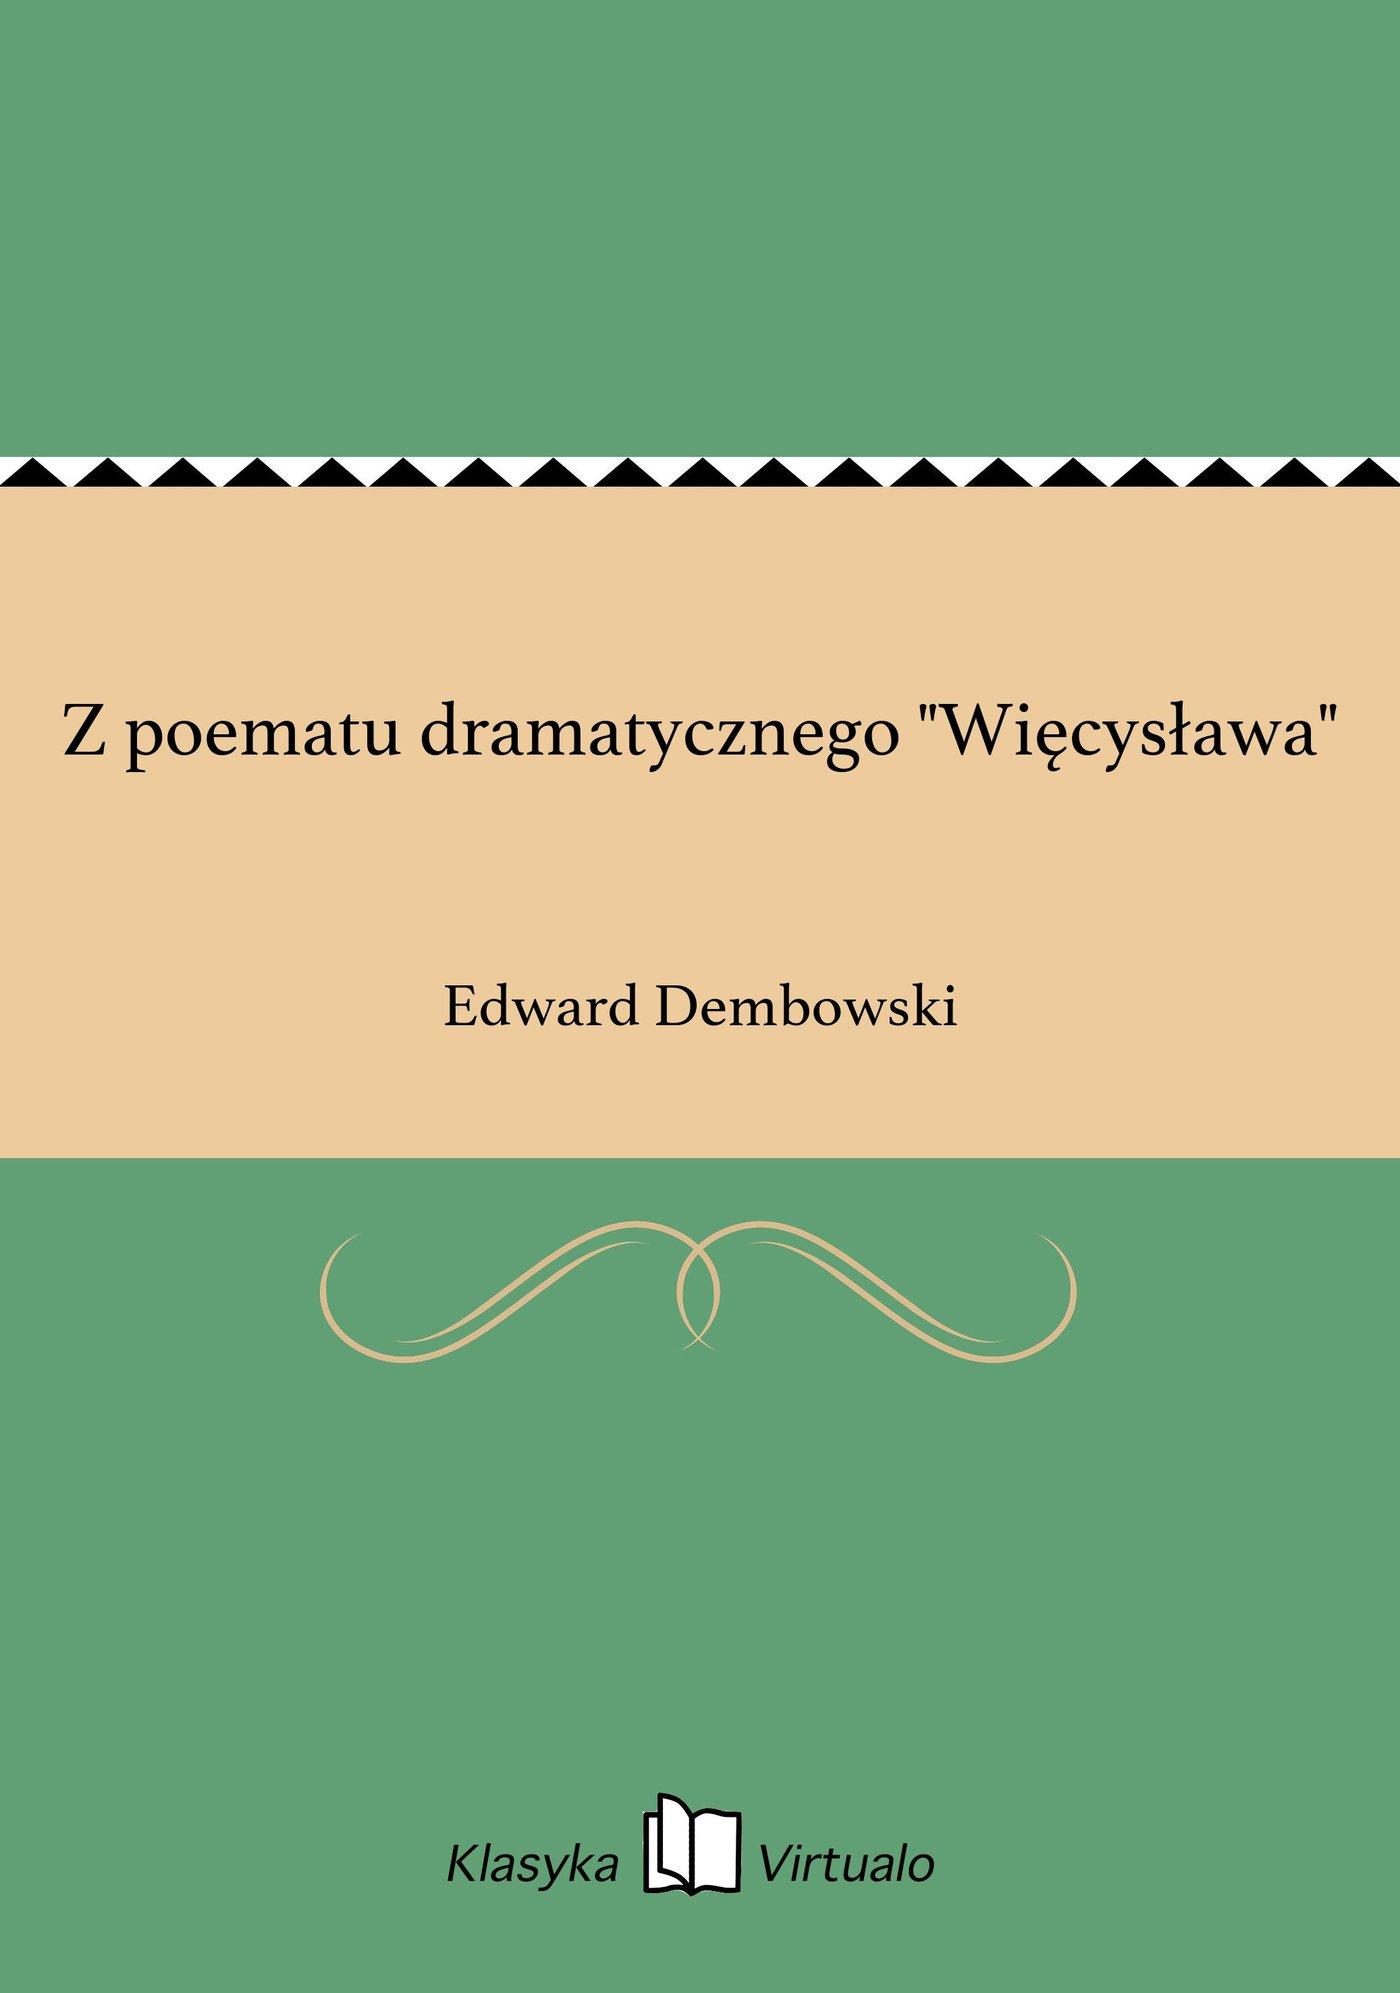 """Z poematu dramatycznego """"Więcysława"""" - Ebook (Książka na Kindle) do pobrania w formacie MOBI"""